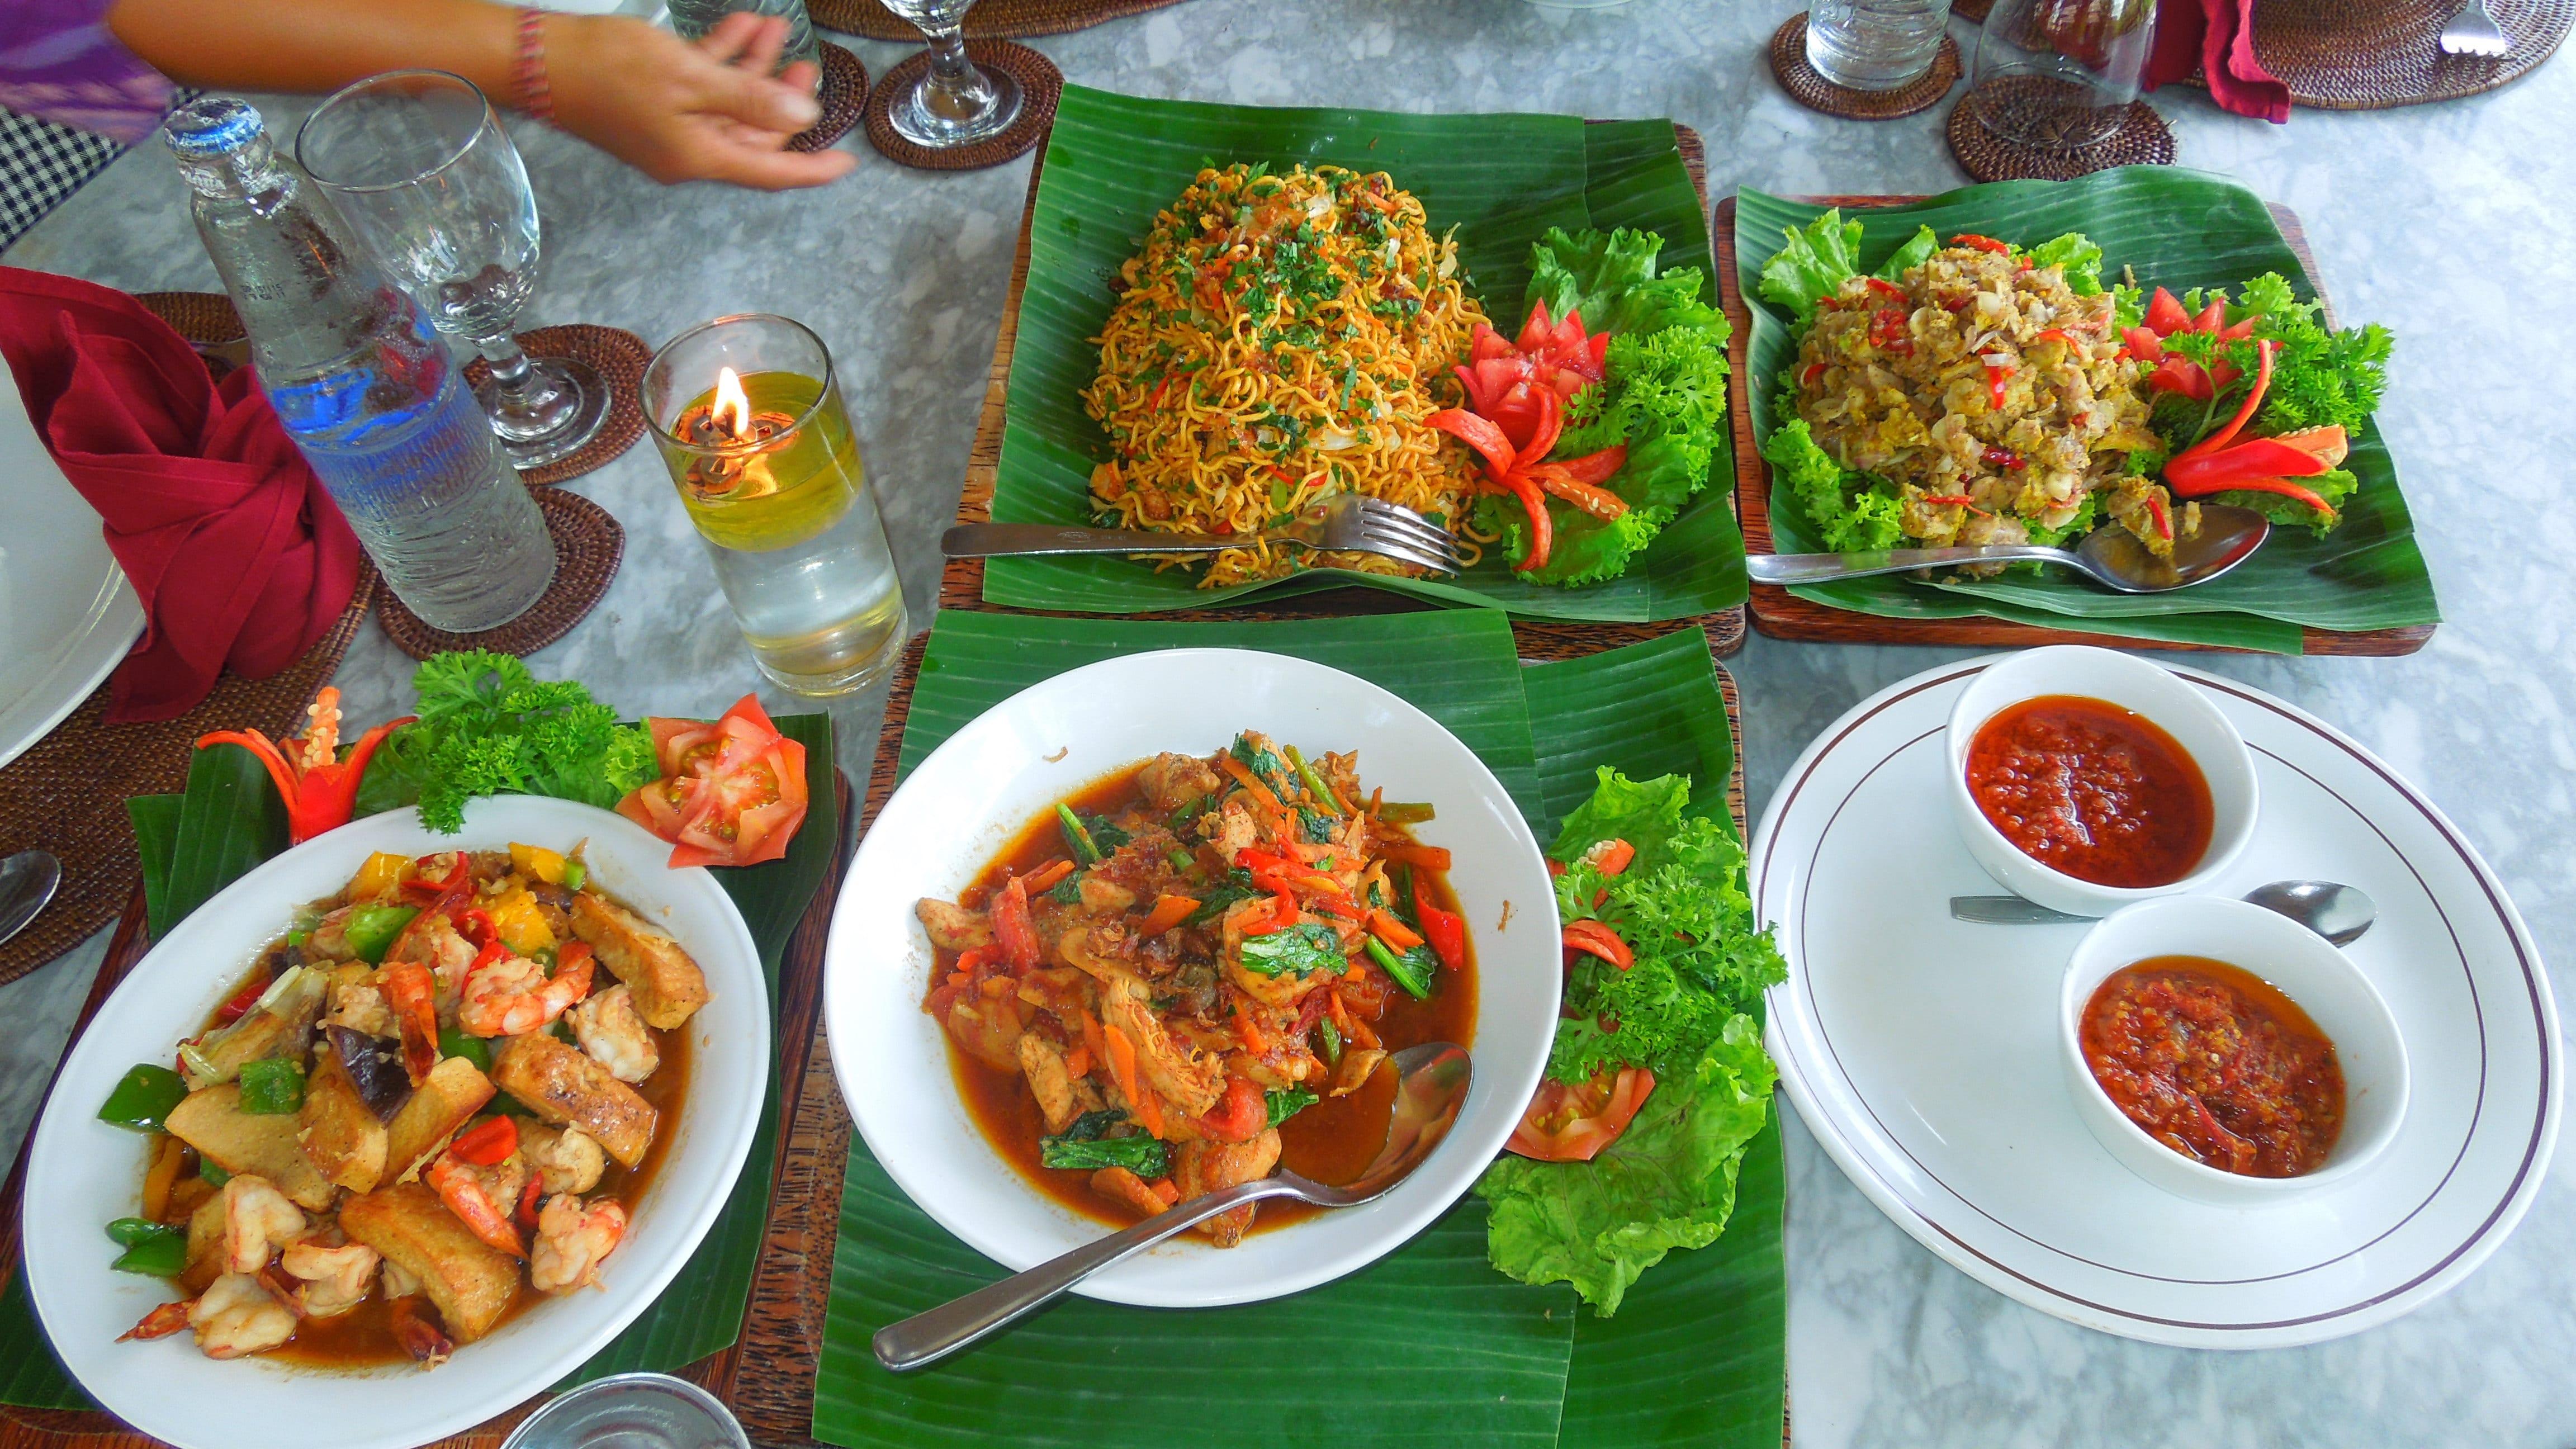 Cours De Cuisine à Ubud Balifr Guide De Voyage - Cuisine balinaise